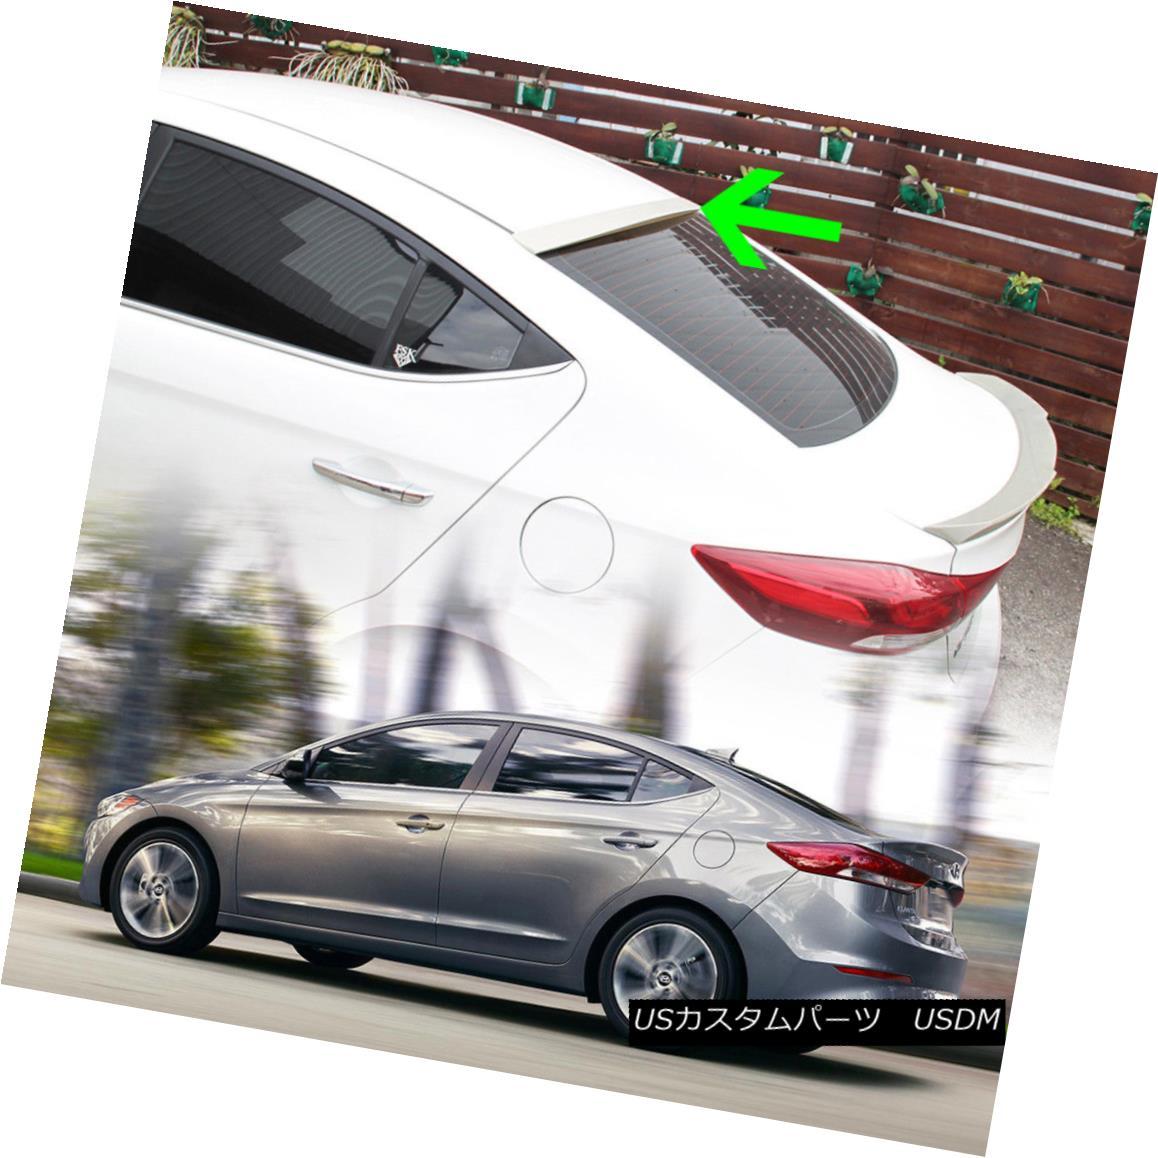 エアロパーツ Fit Hyundai Elantra AD OE Style Rear Roof Spoiler Wing Unpaint GL SE Sedan 16-18 Hyundai Elantra AD OEスタイルリアルーフスポイラーウィングアンペイントGL SEセダン16-18